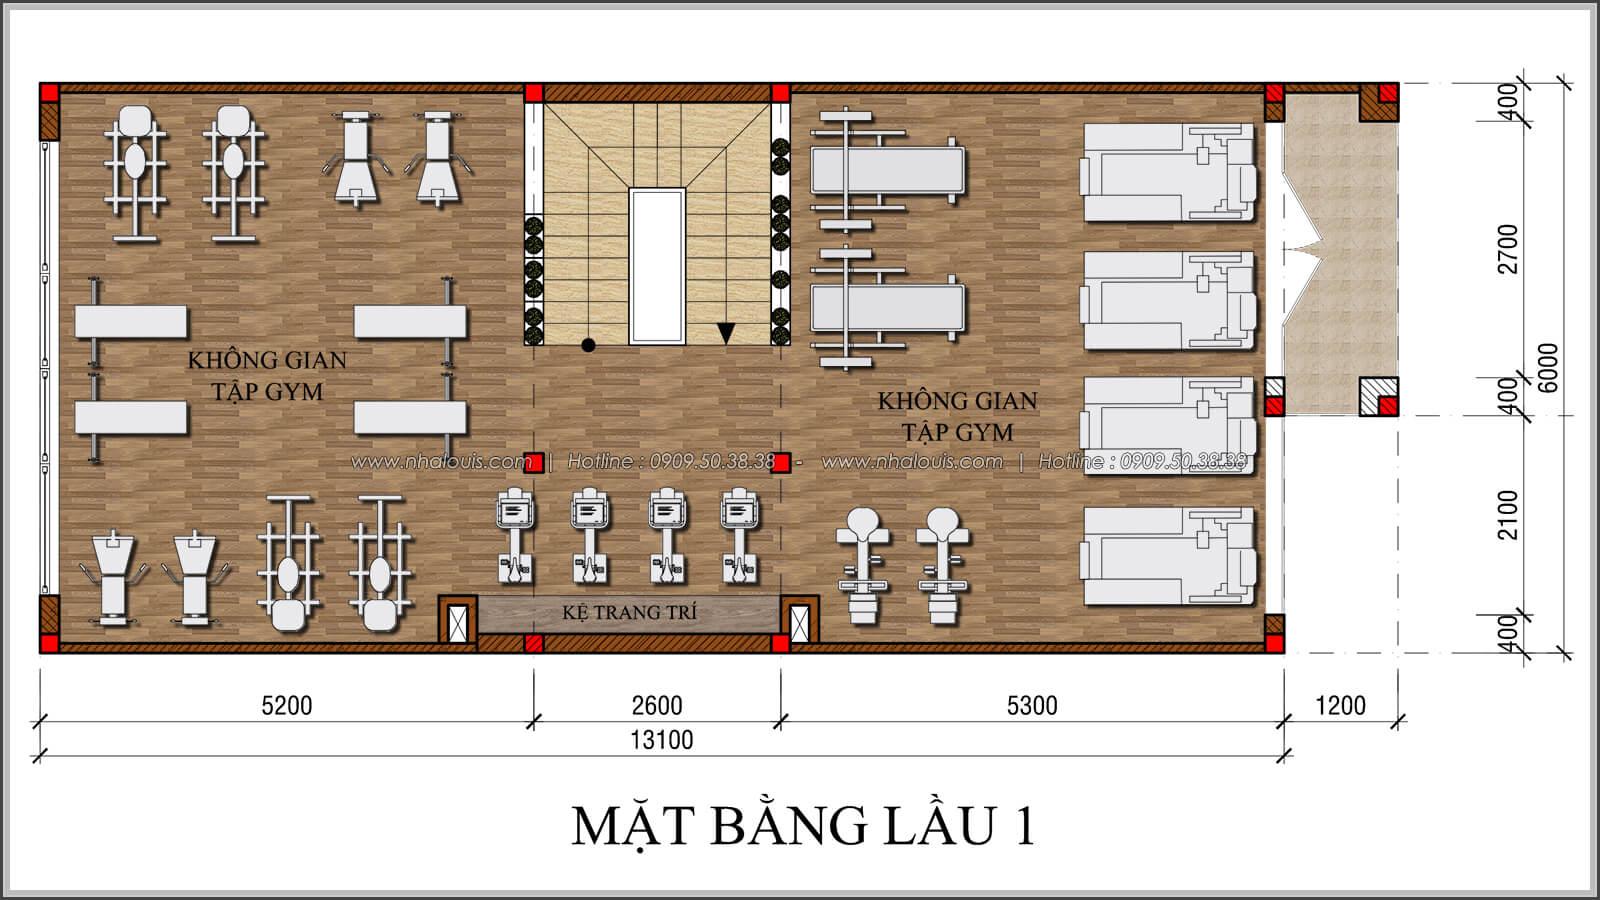 mặt bằng lầu 1 thiết kế quán cafe đơn giản từ nhà phố 3 tầng tại Bình Chánh - 17